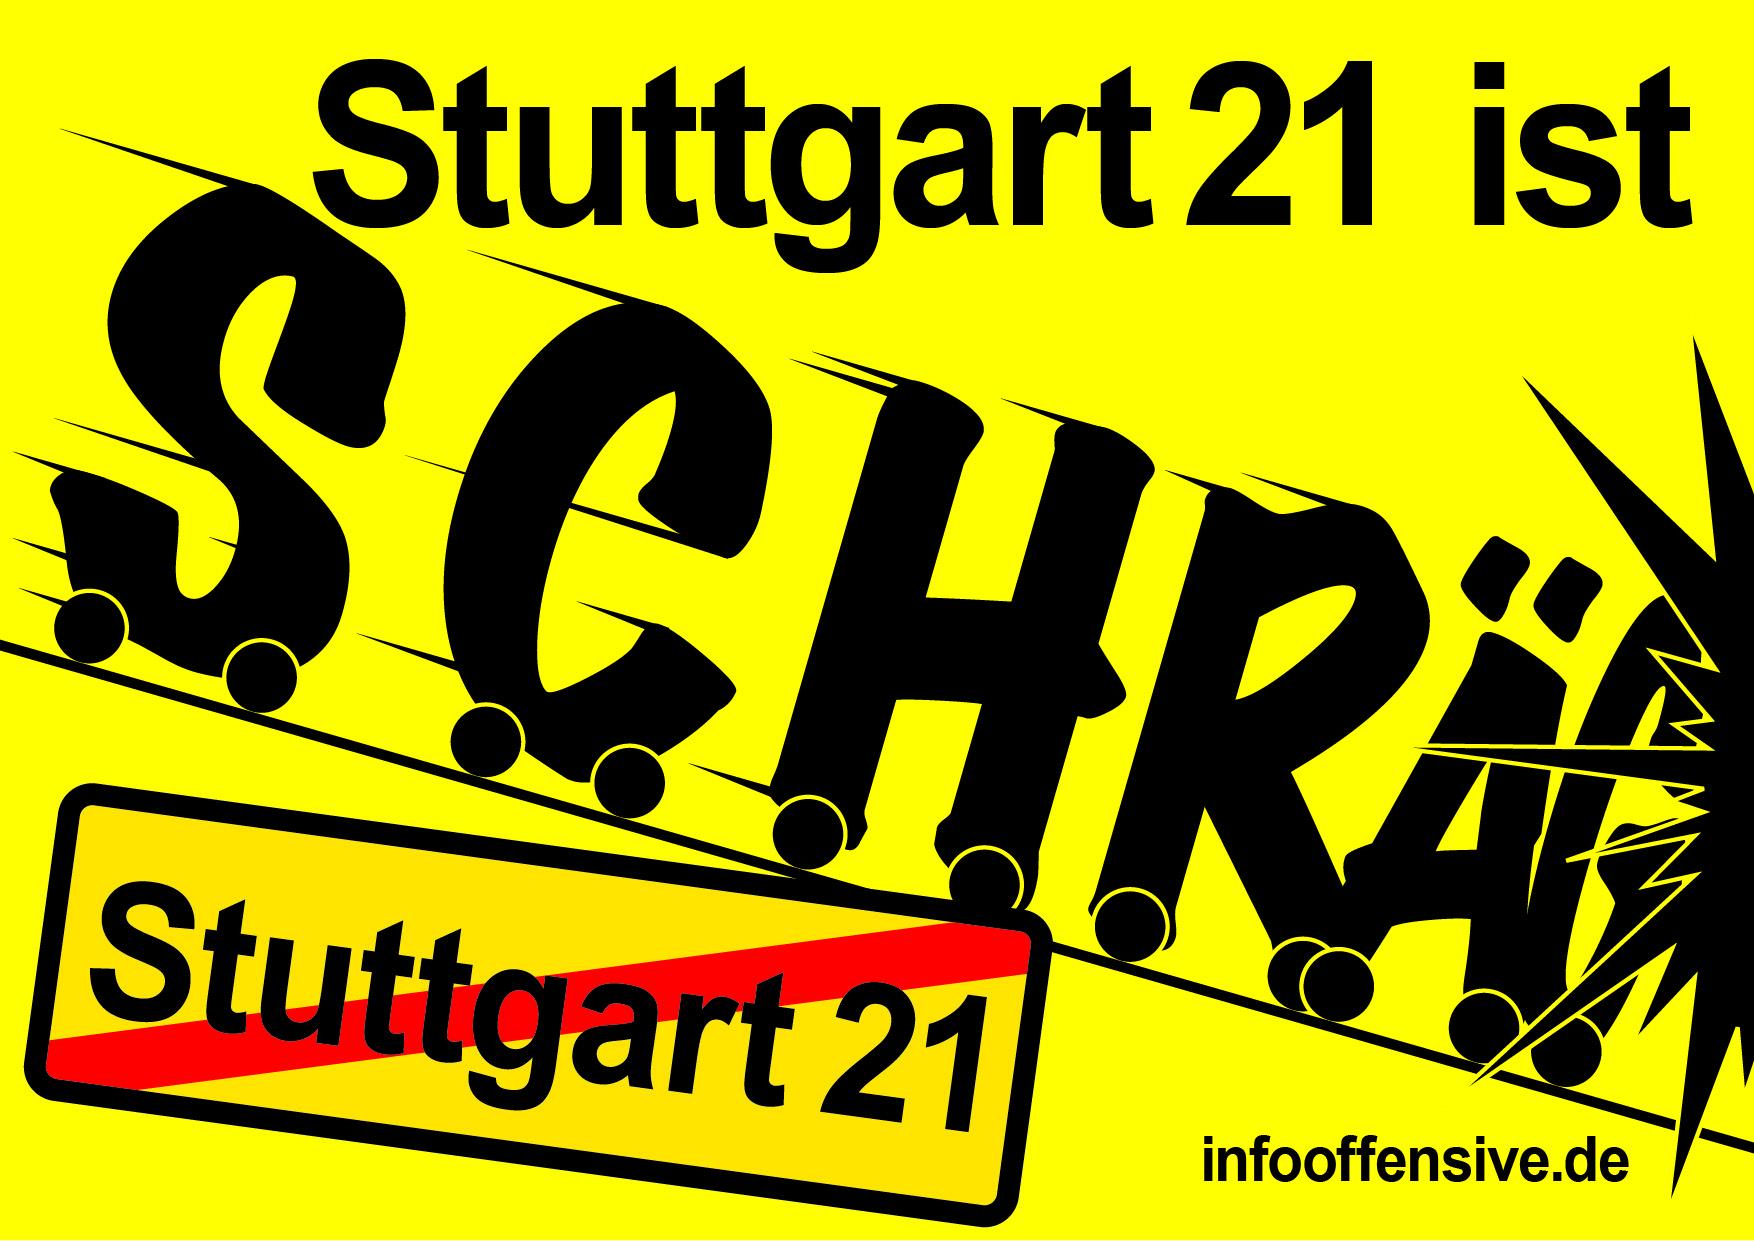 Stuttgart-21 ist schräg